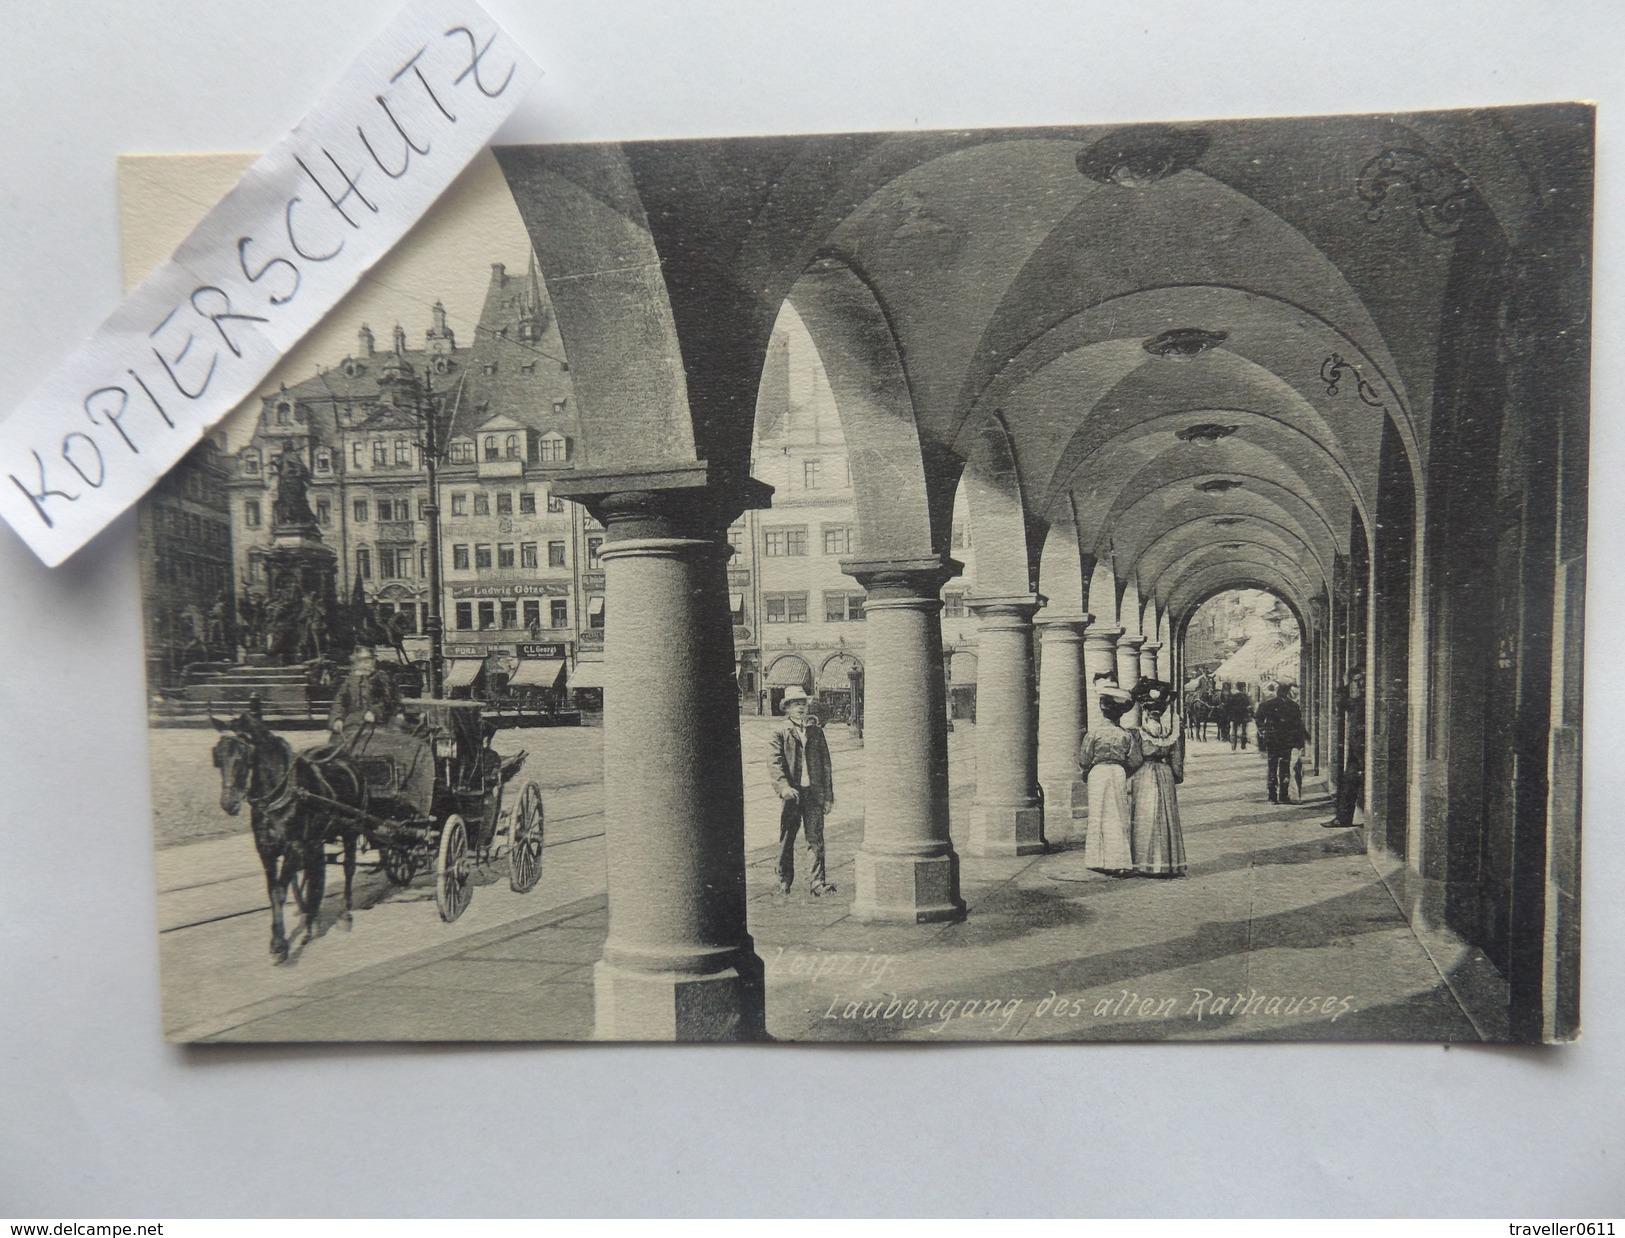 Leipzig, Laubengang Des Alten Rathauses, Pferdekutsche, Nicht Gel. - Leipzig